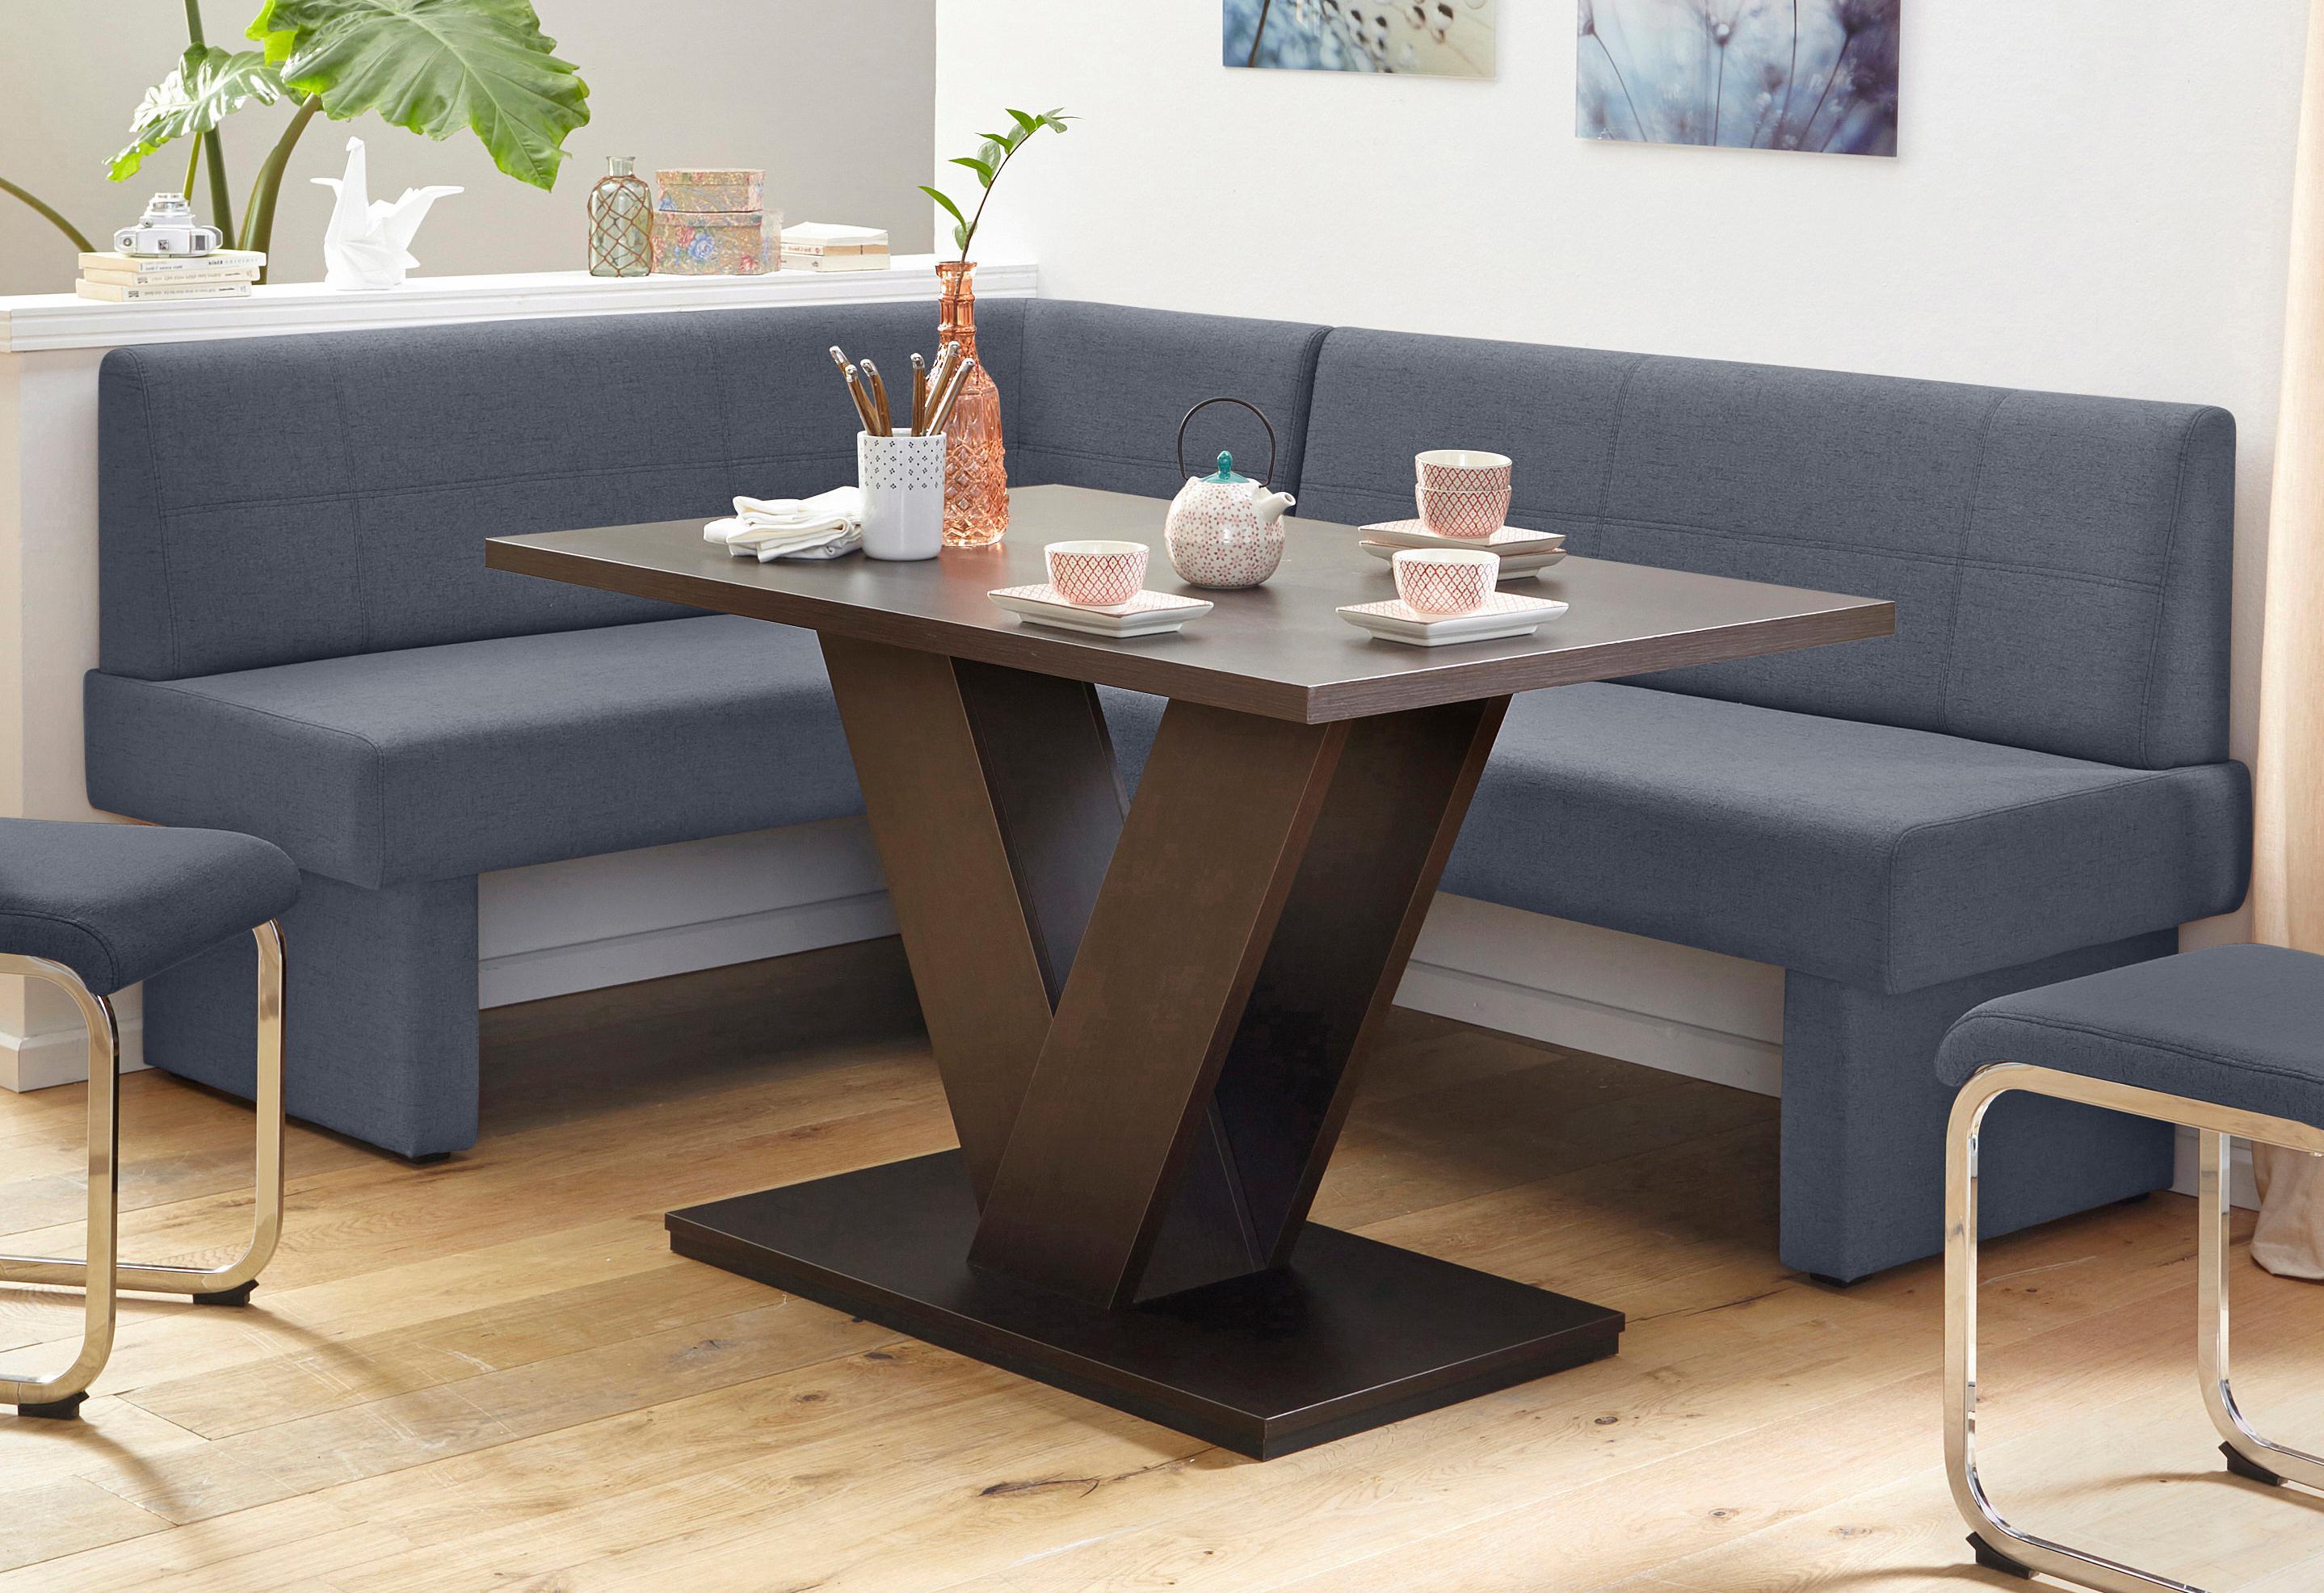 Eckbank mit Webstoff, Breite 202 cm   Küche und Esszimmer > Sitzbänke > Eckbänke   Massivholz - Strukturstoff - Webstoff - Polyester